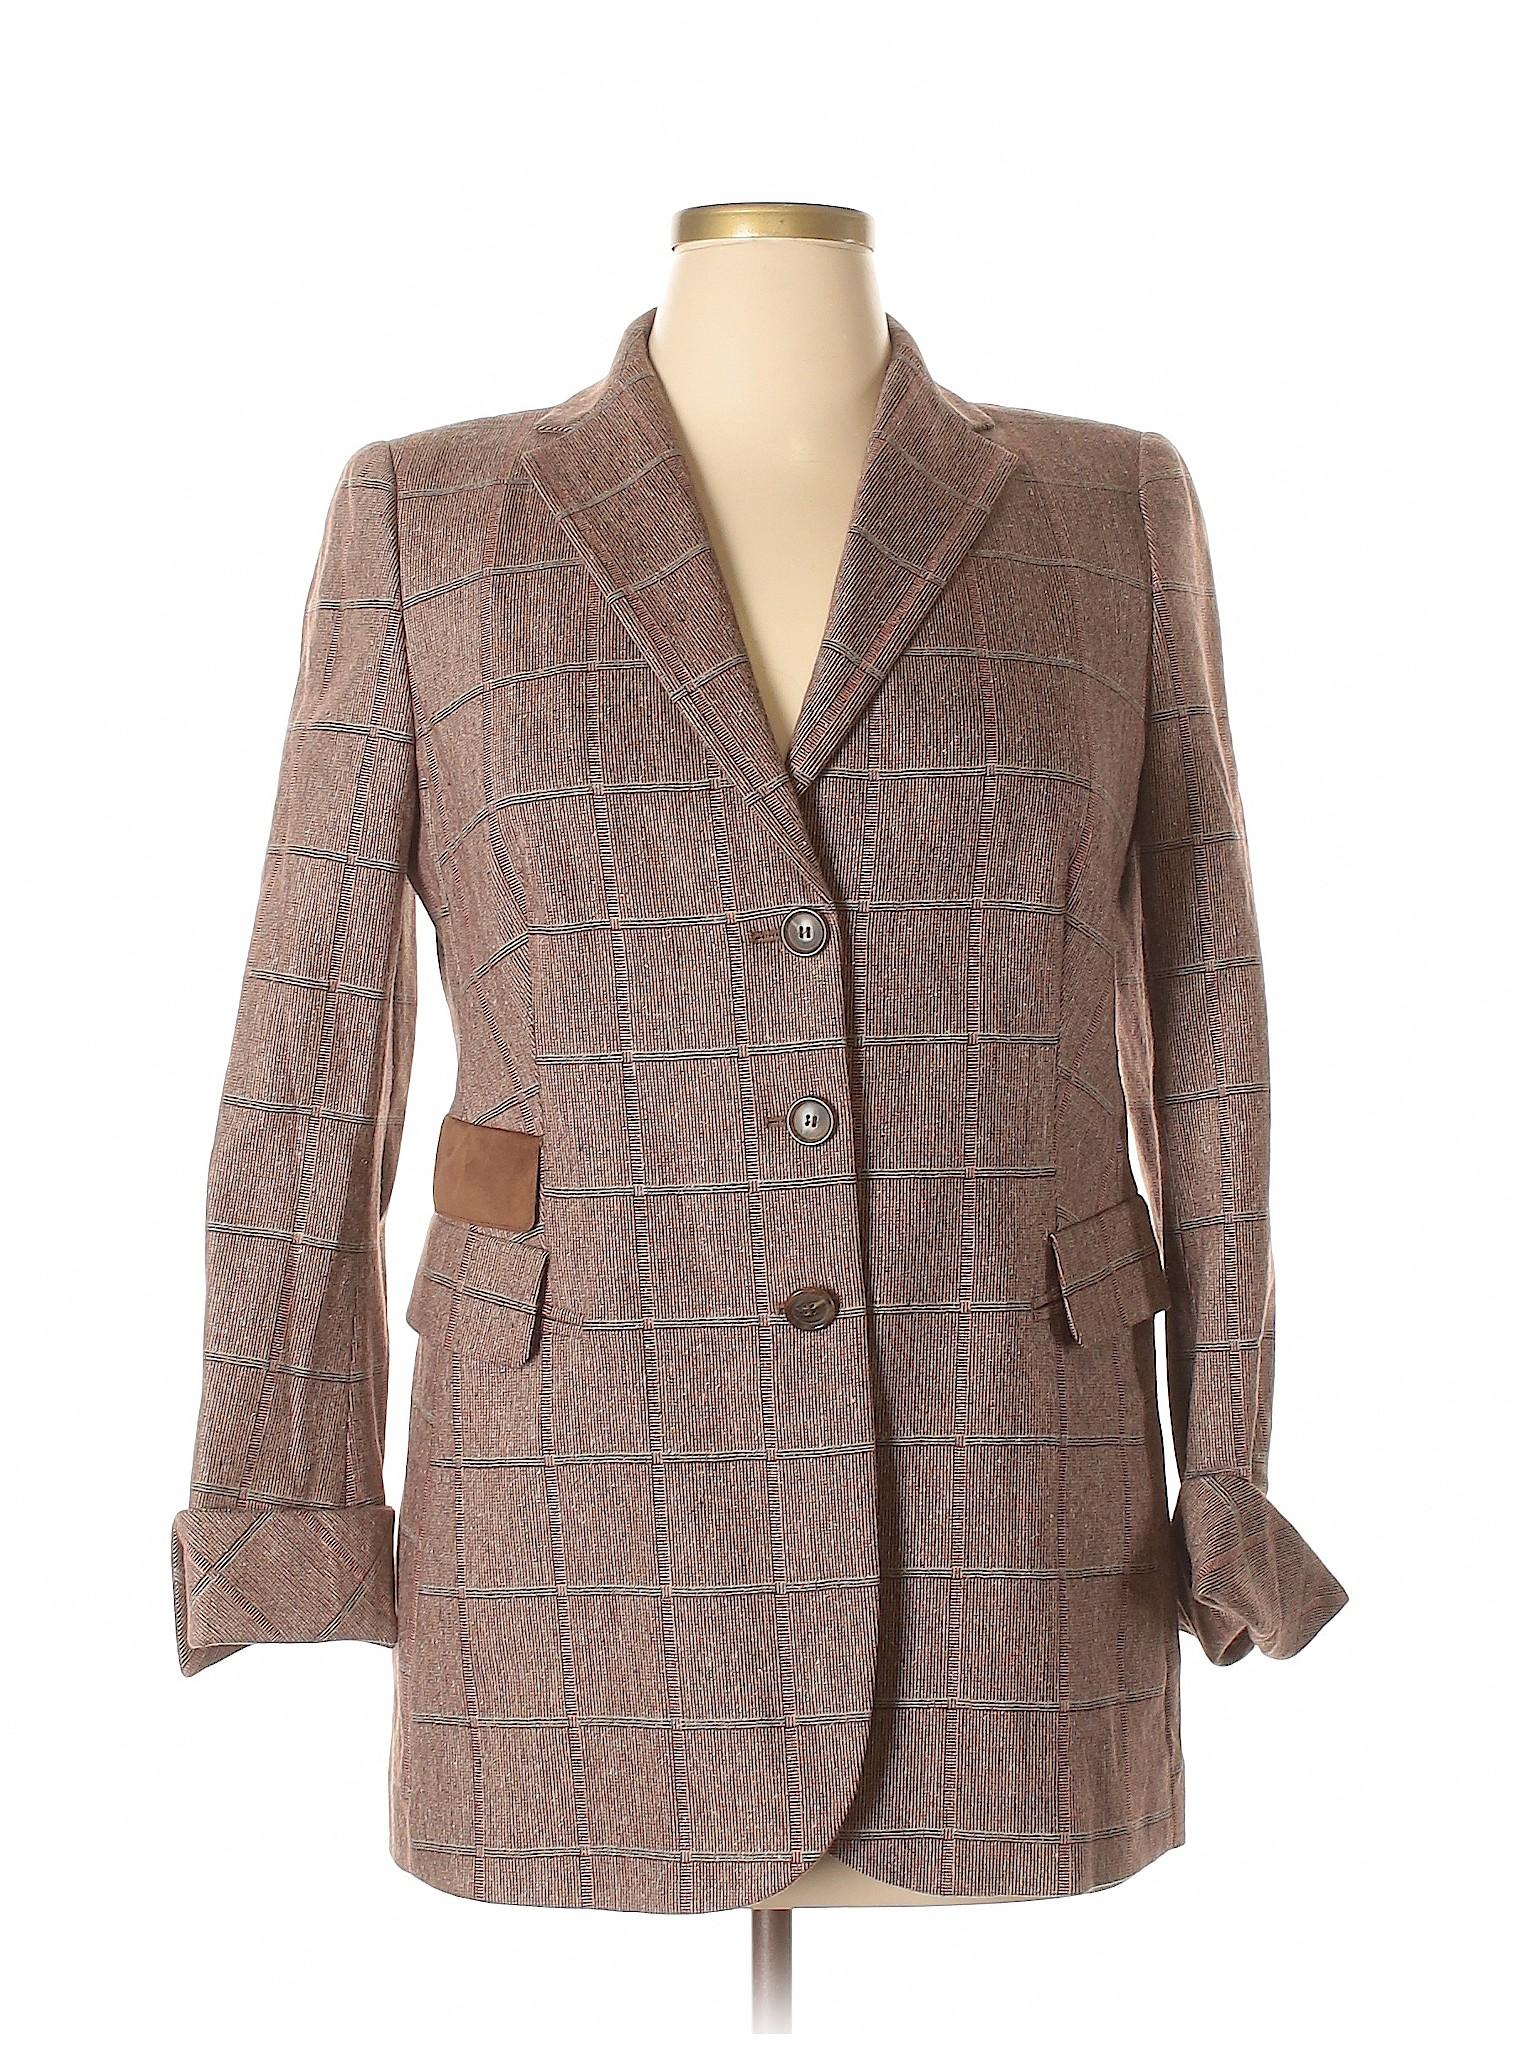 Blazer Wool Wool AKRIS winter Boutique Boutique Blazer AKRIS Boutique winter AKRIS Wool winter 7q7xwrPd